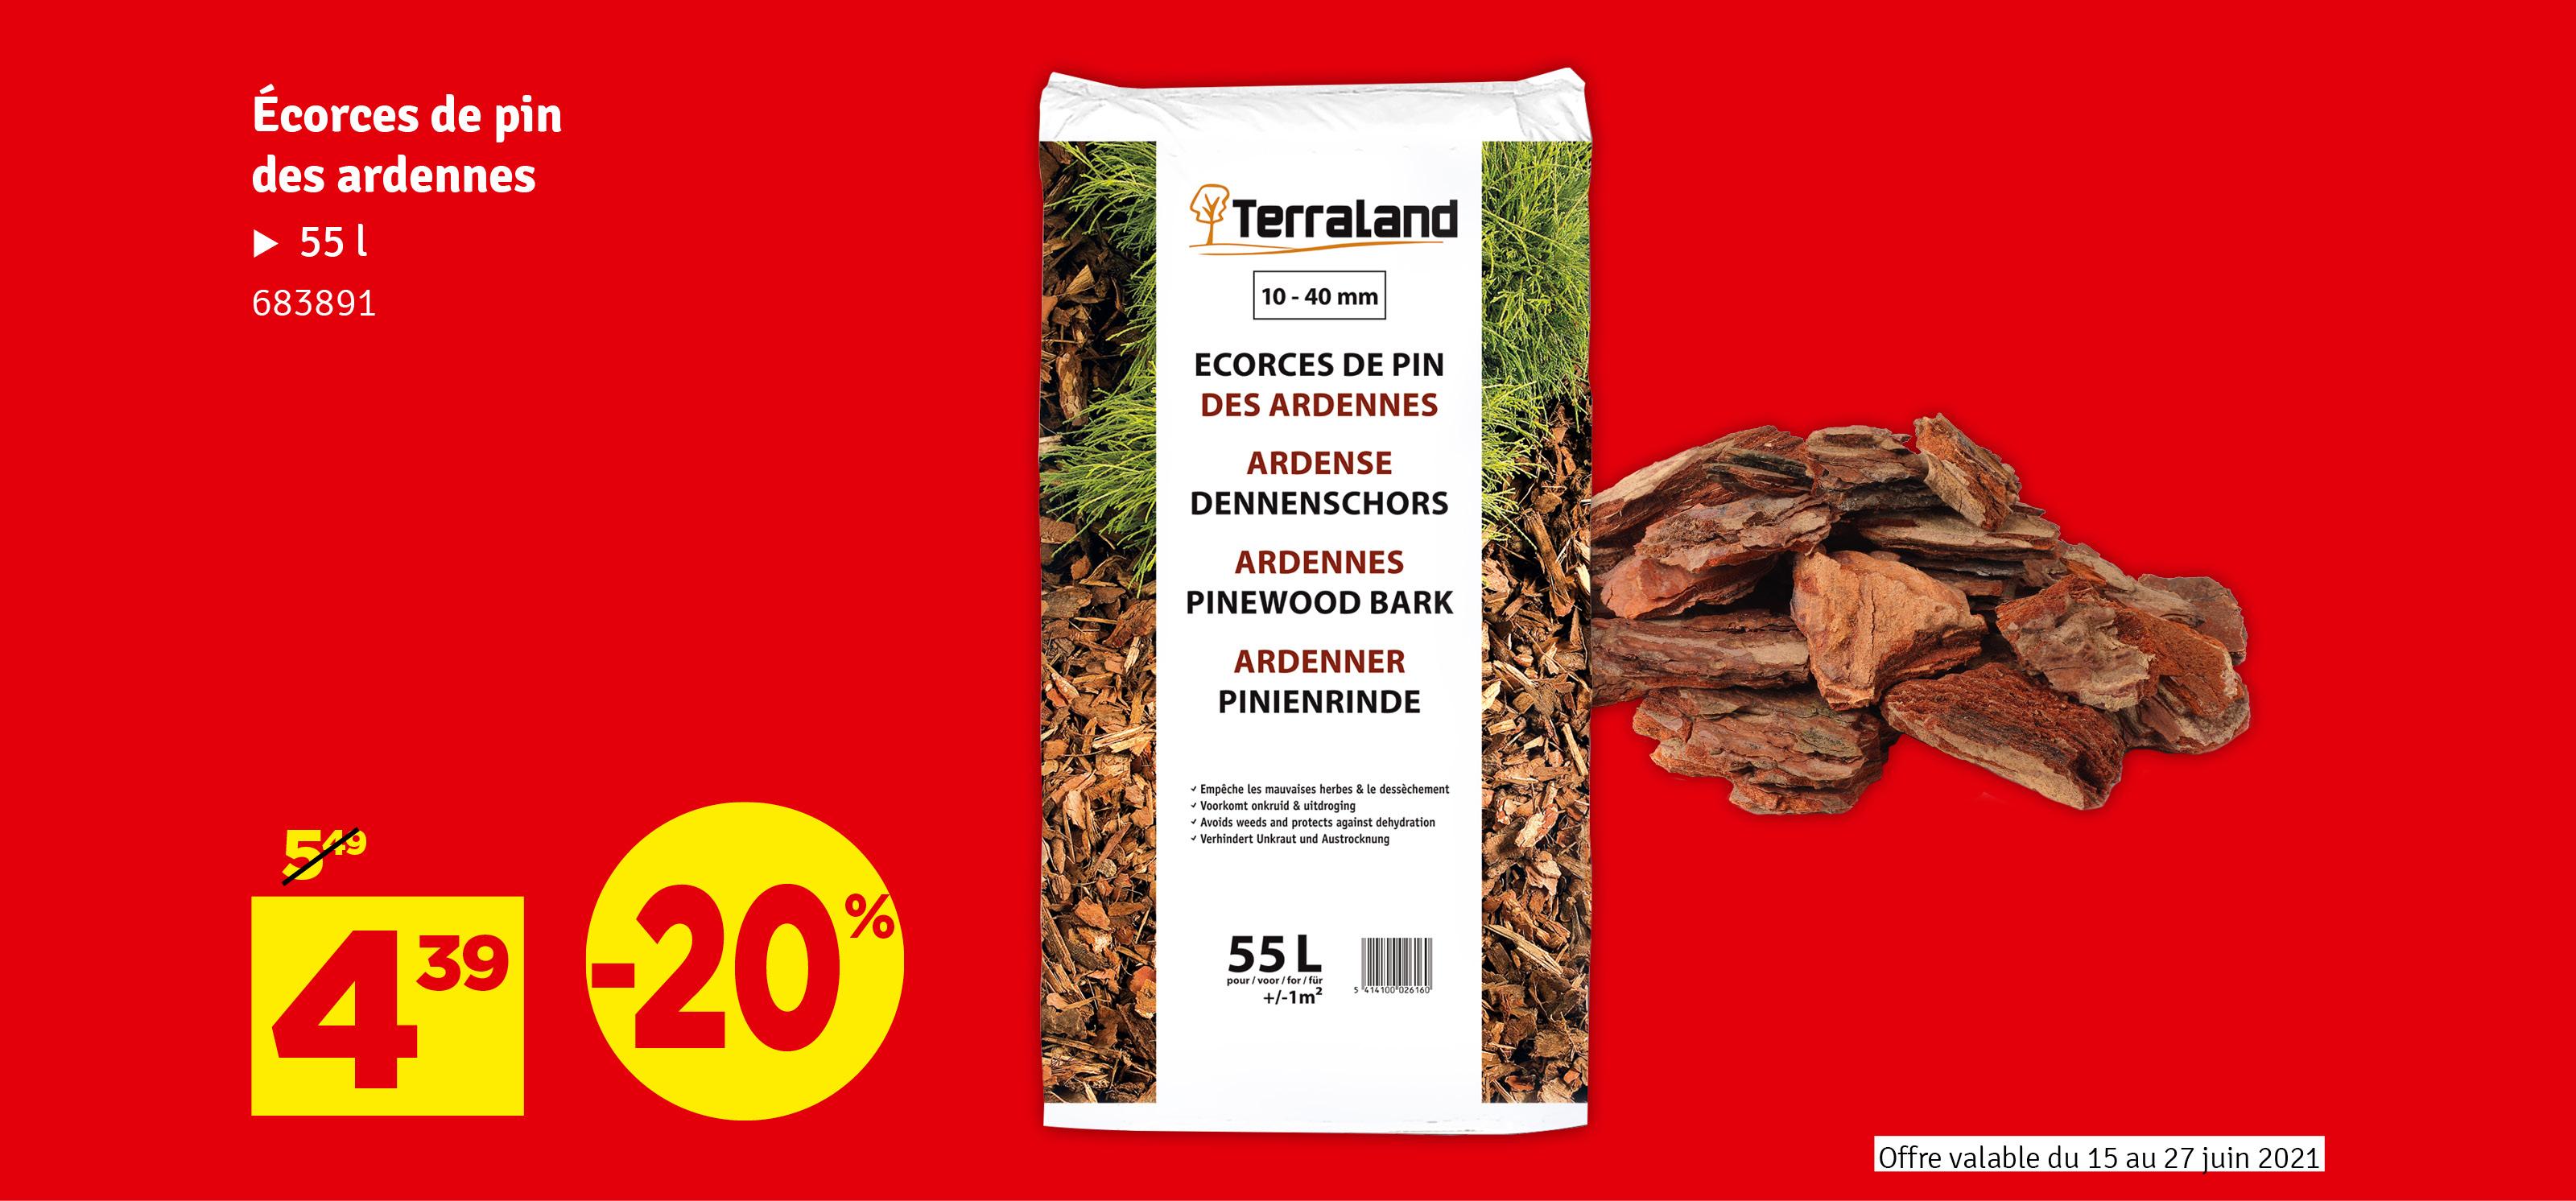 Promo - Ecorces de pins sylvestre des Ardennes 55 L TERRALAND